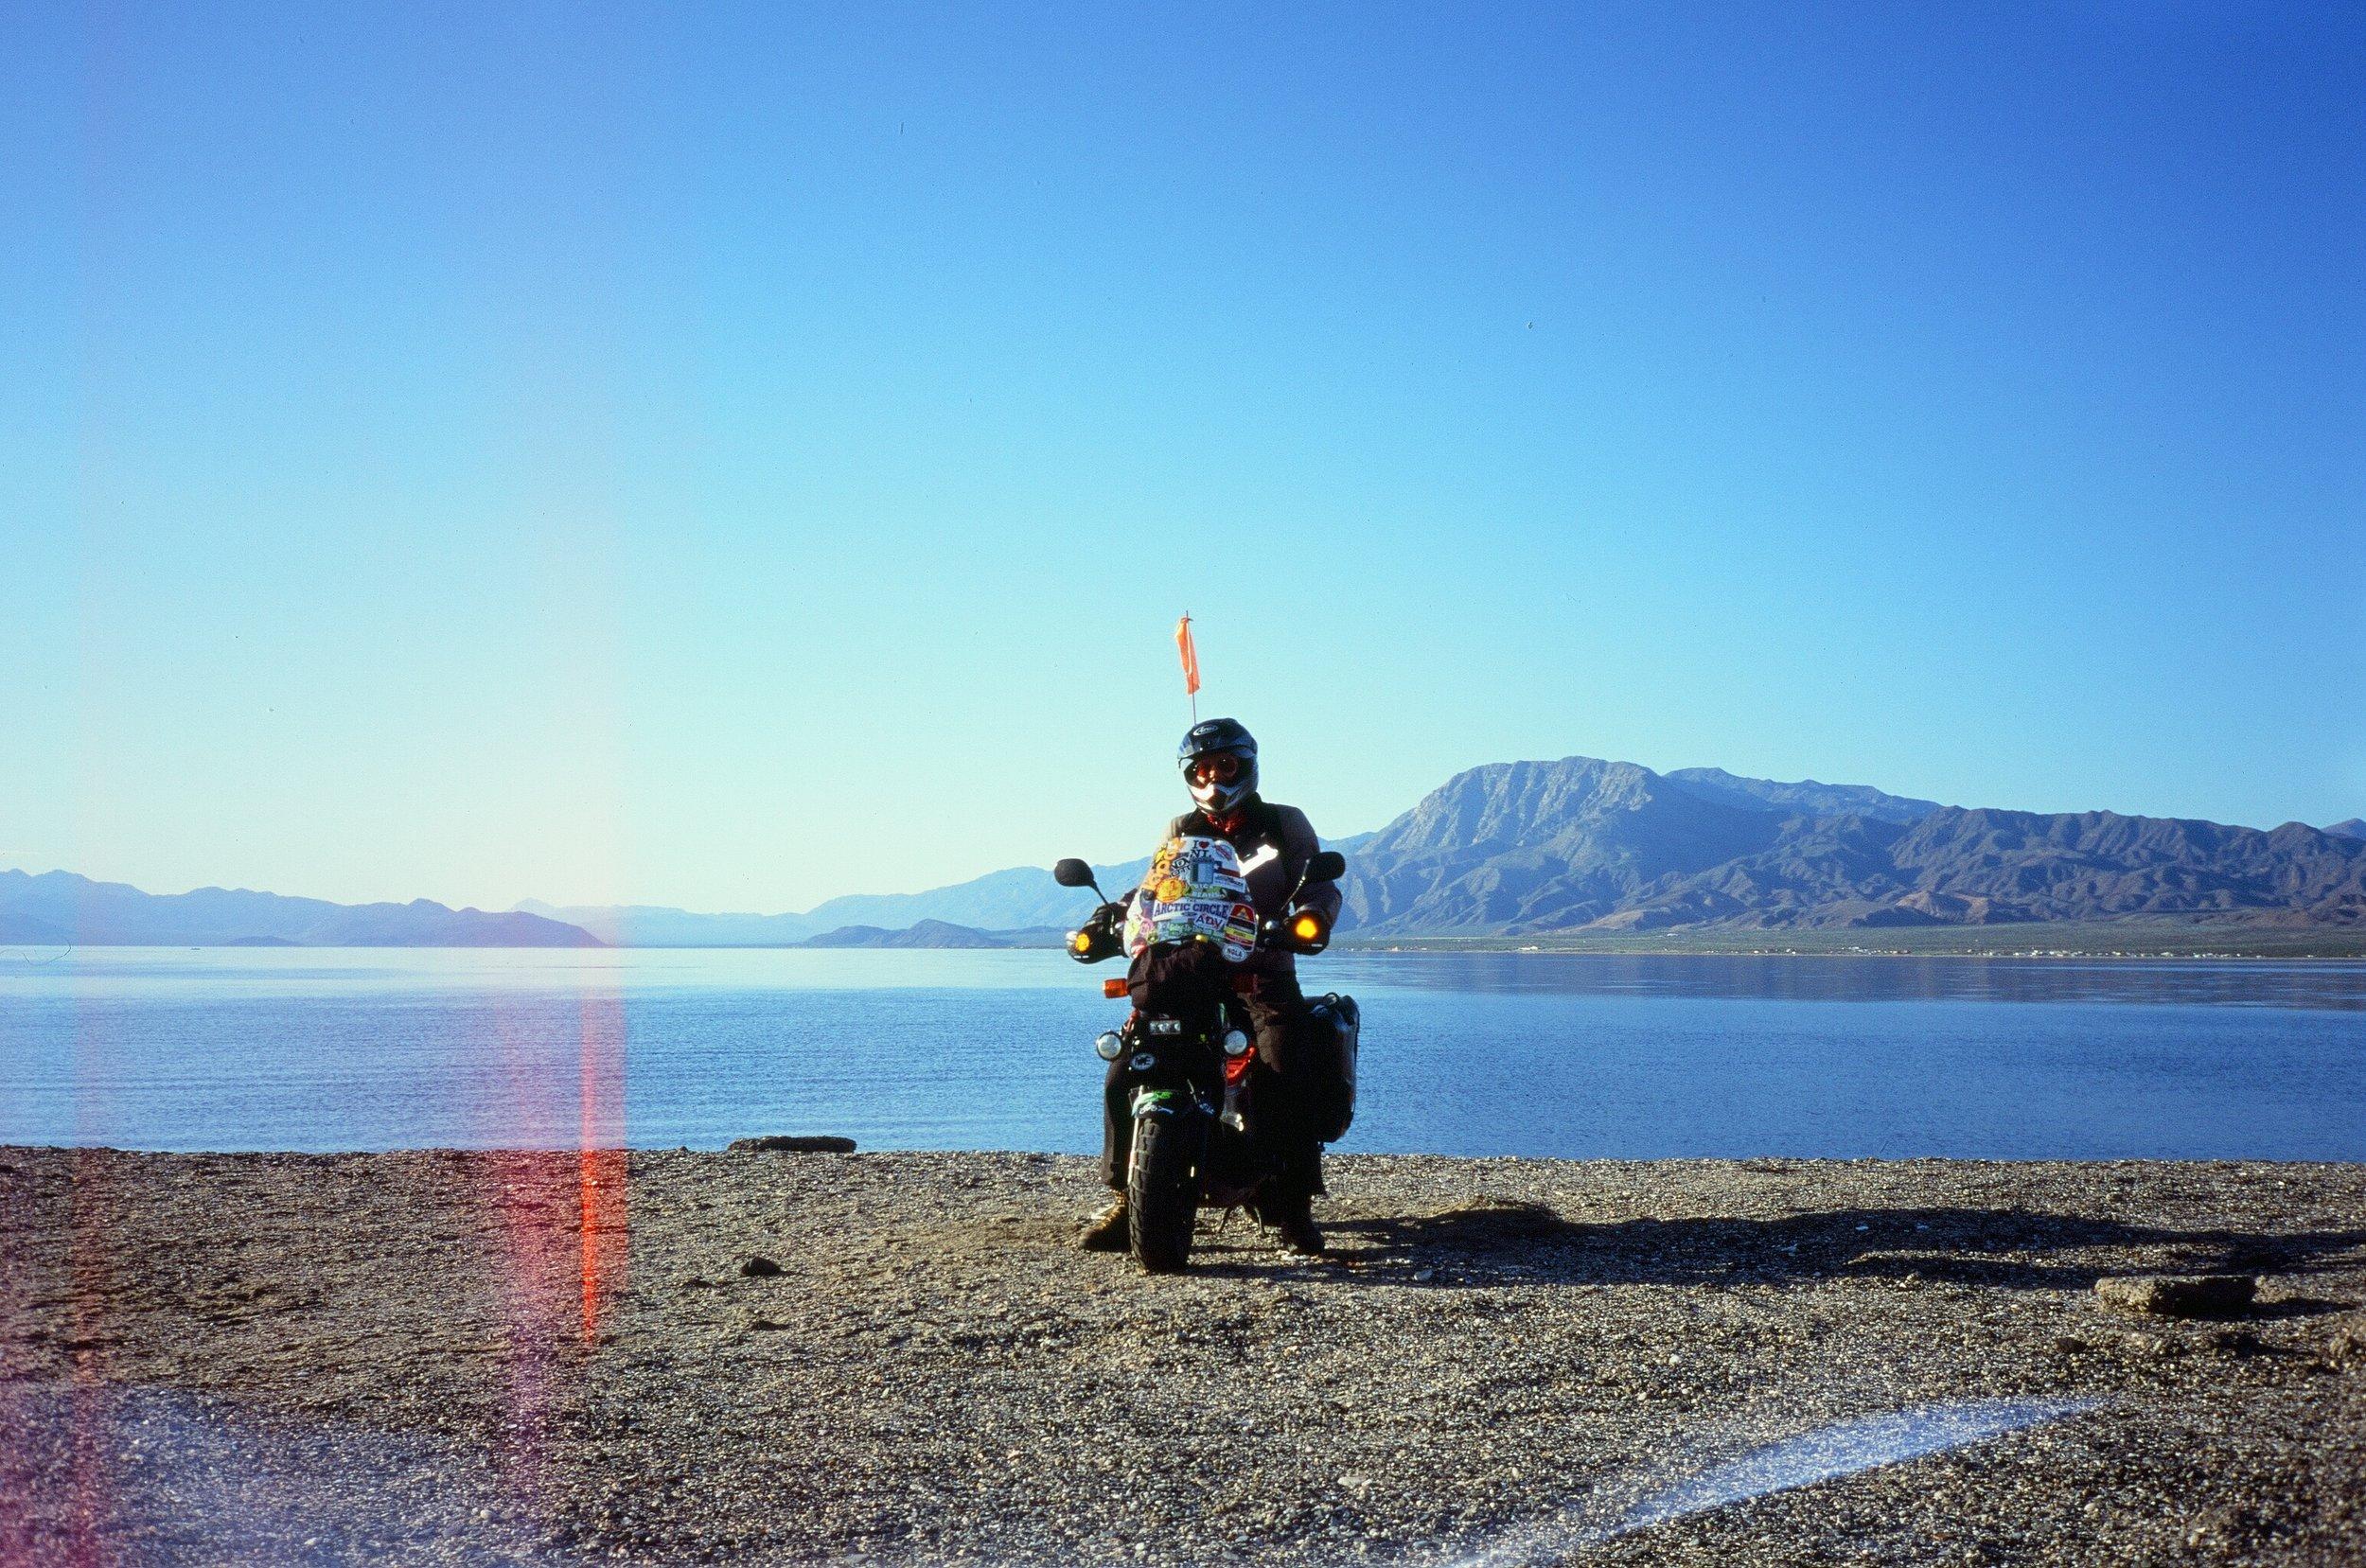 Mike & his Honda Ruckus, La Gringa, Baja California